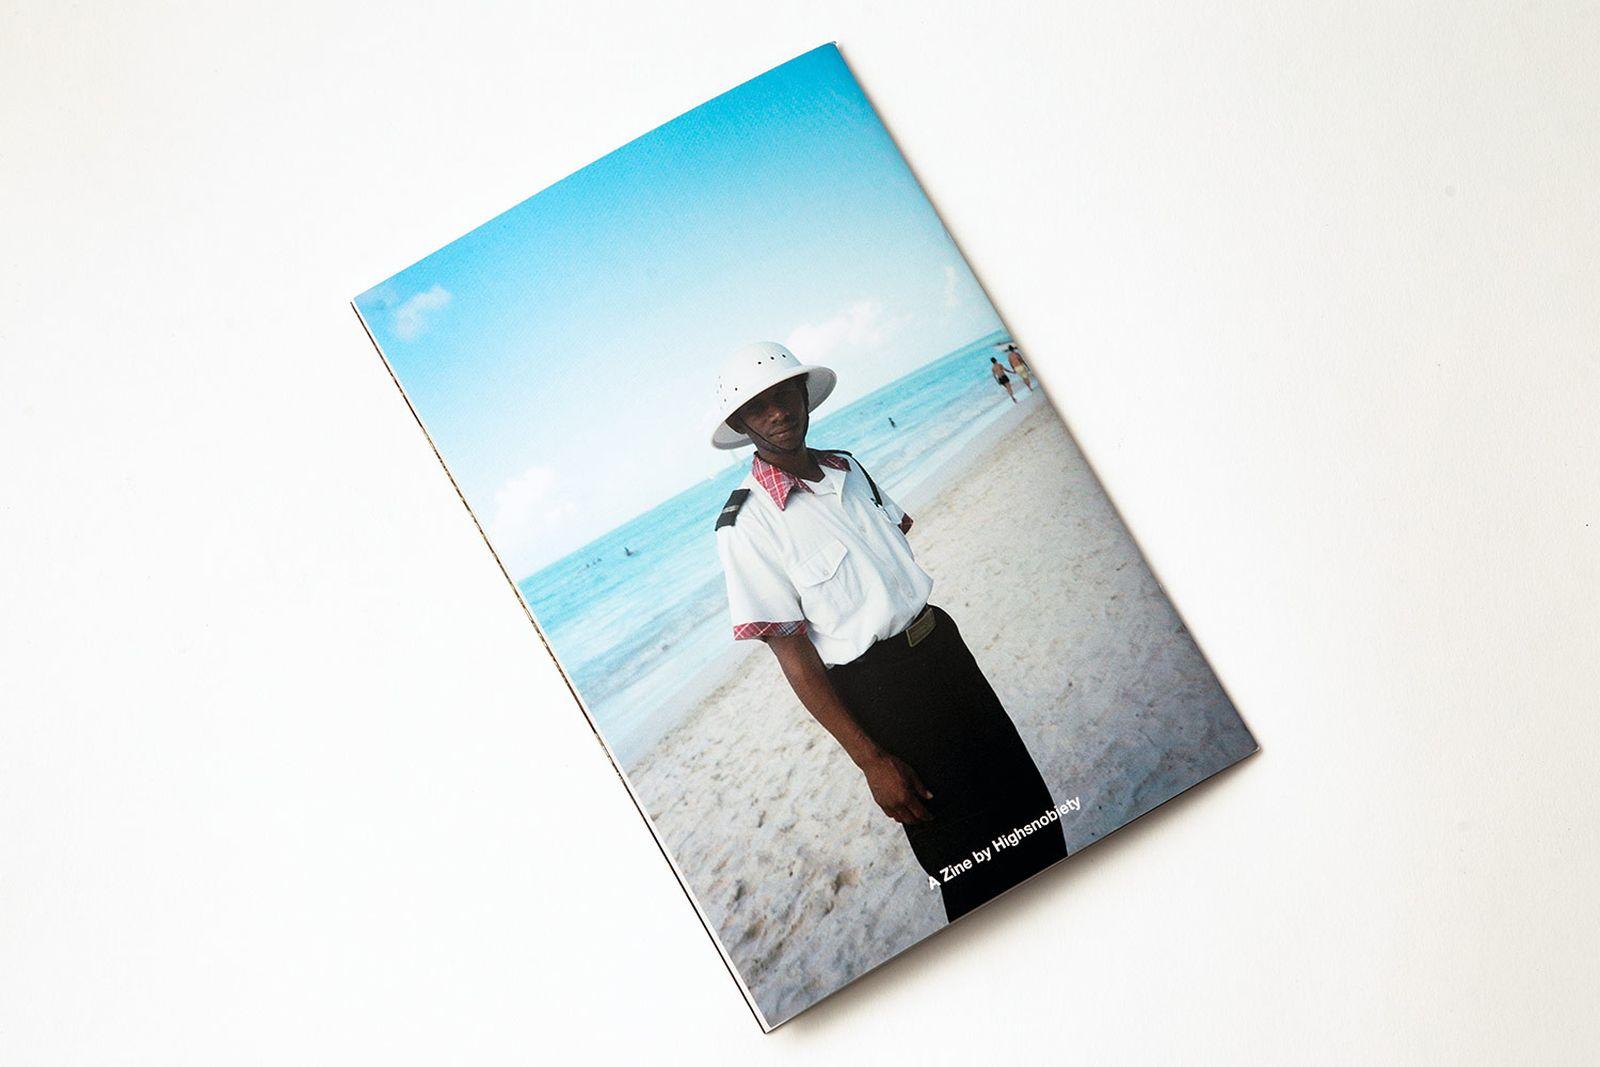 Highsnobiety-Short-For-Magazine-Issue-3-Mister-Mort-09